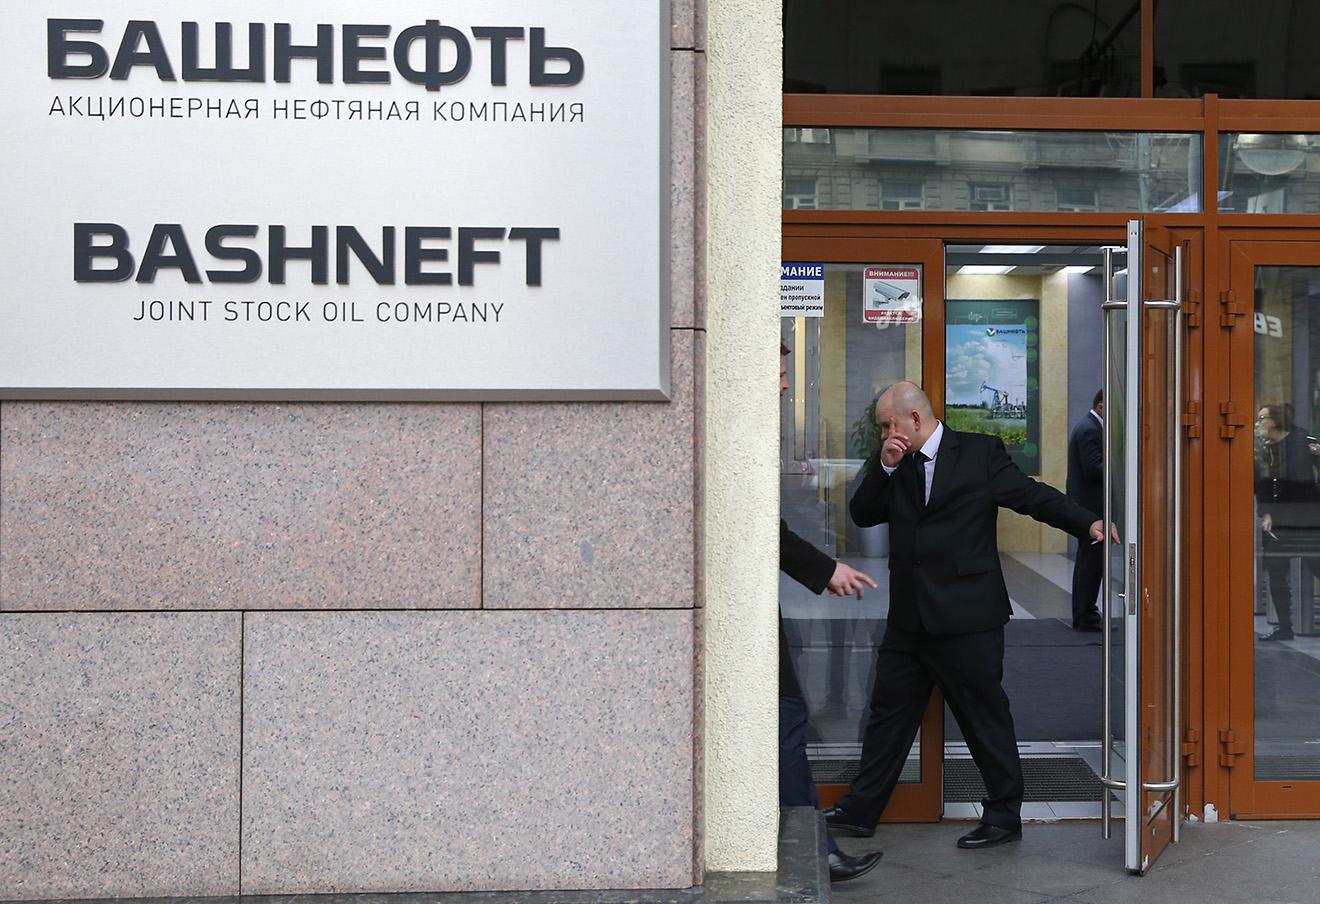 """Офис компании """"Башнефть"""" в Москве. Фото: Артем Коротаев / ТАСС"""